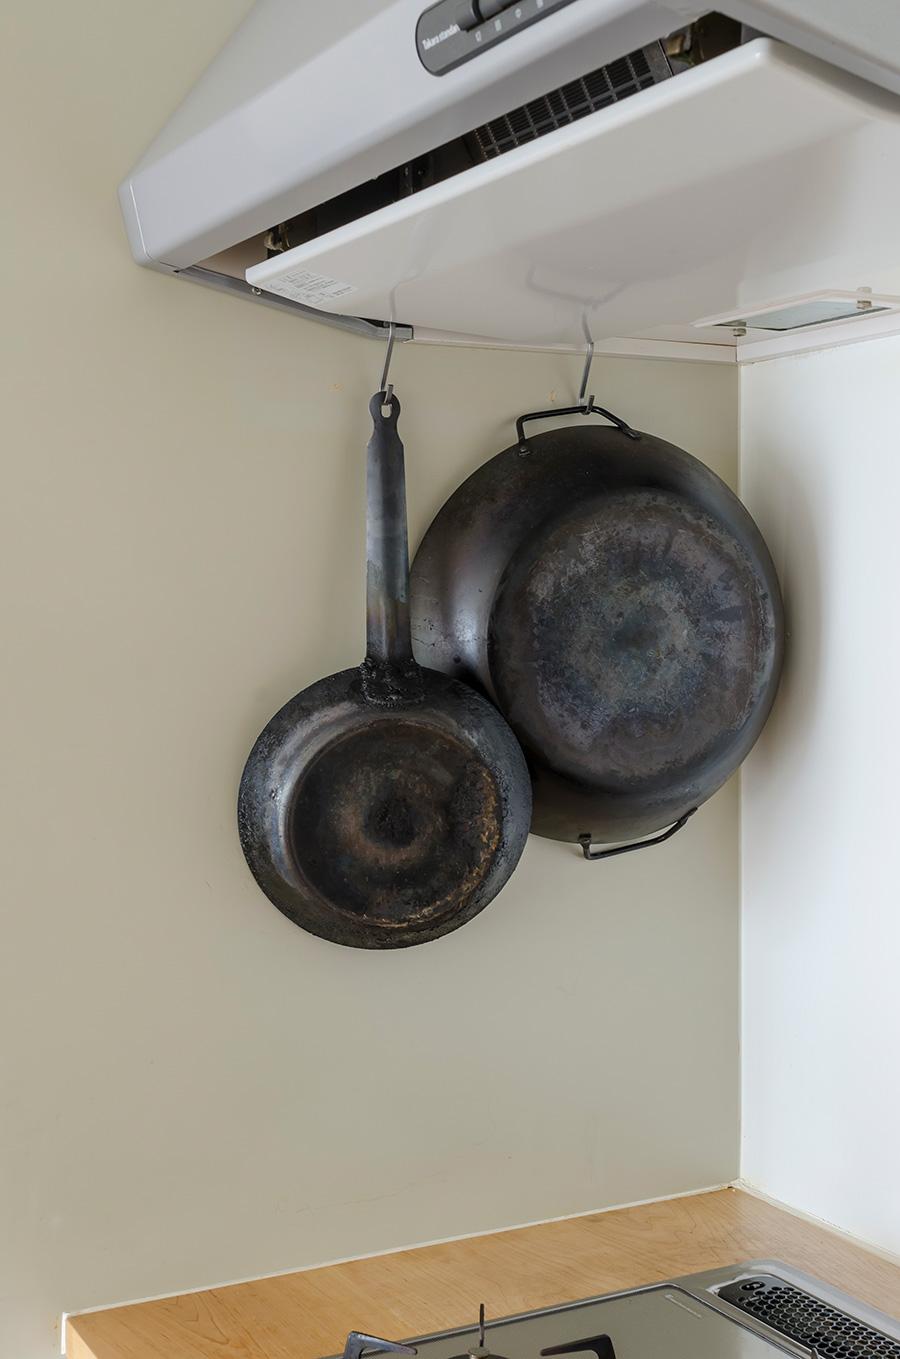 20年使っている鉄のフライパンは、使用後に水分を焼き切るので、熱いまま吊るせるよう工夫している。